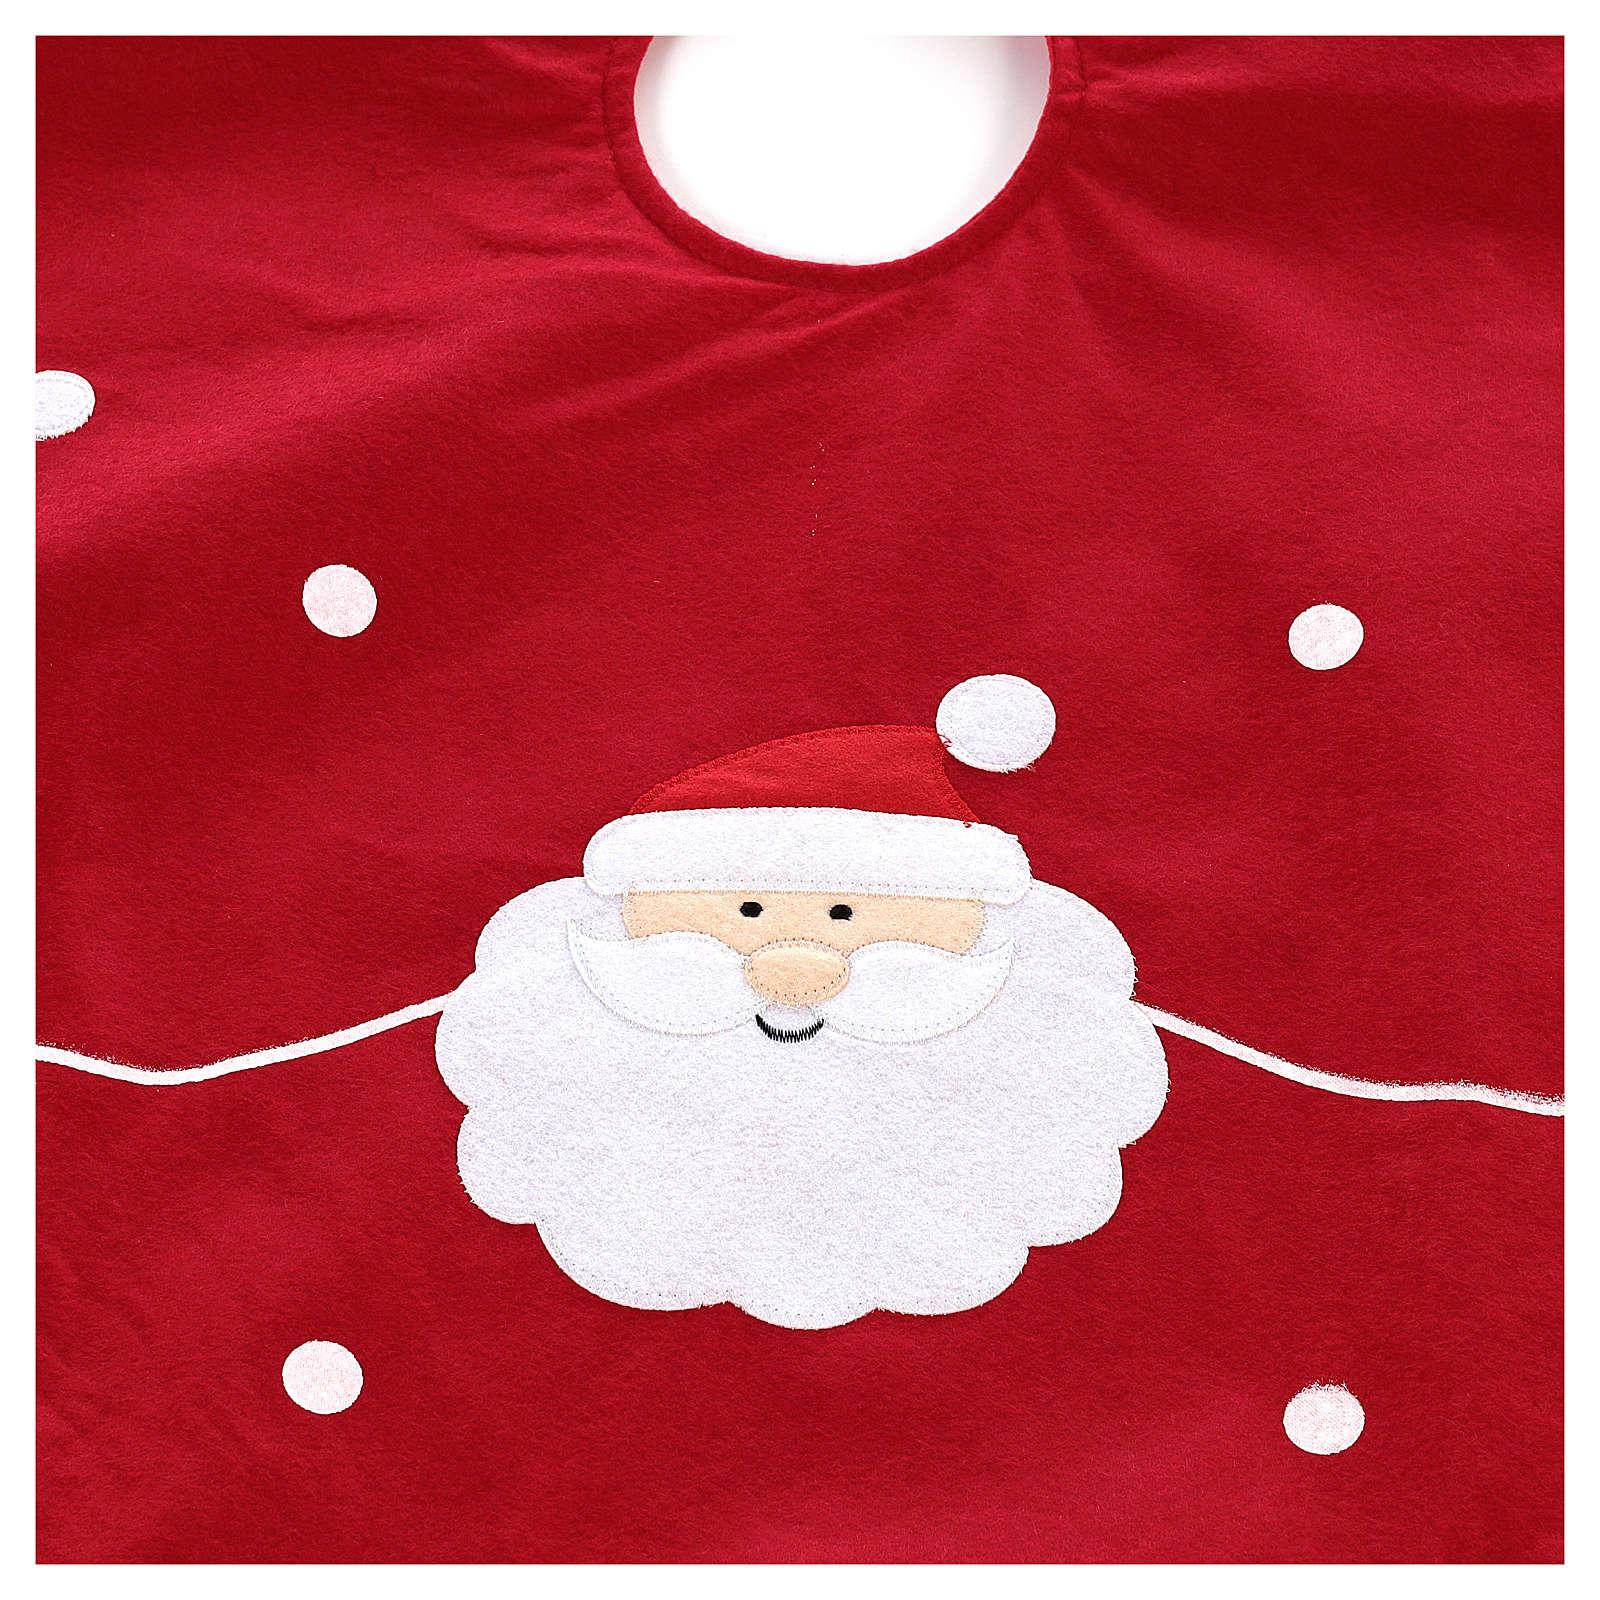 Revêtement pour base de sapin de Noël diam. 90 cm 3